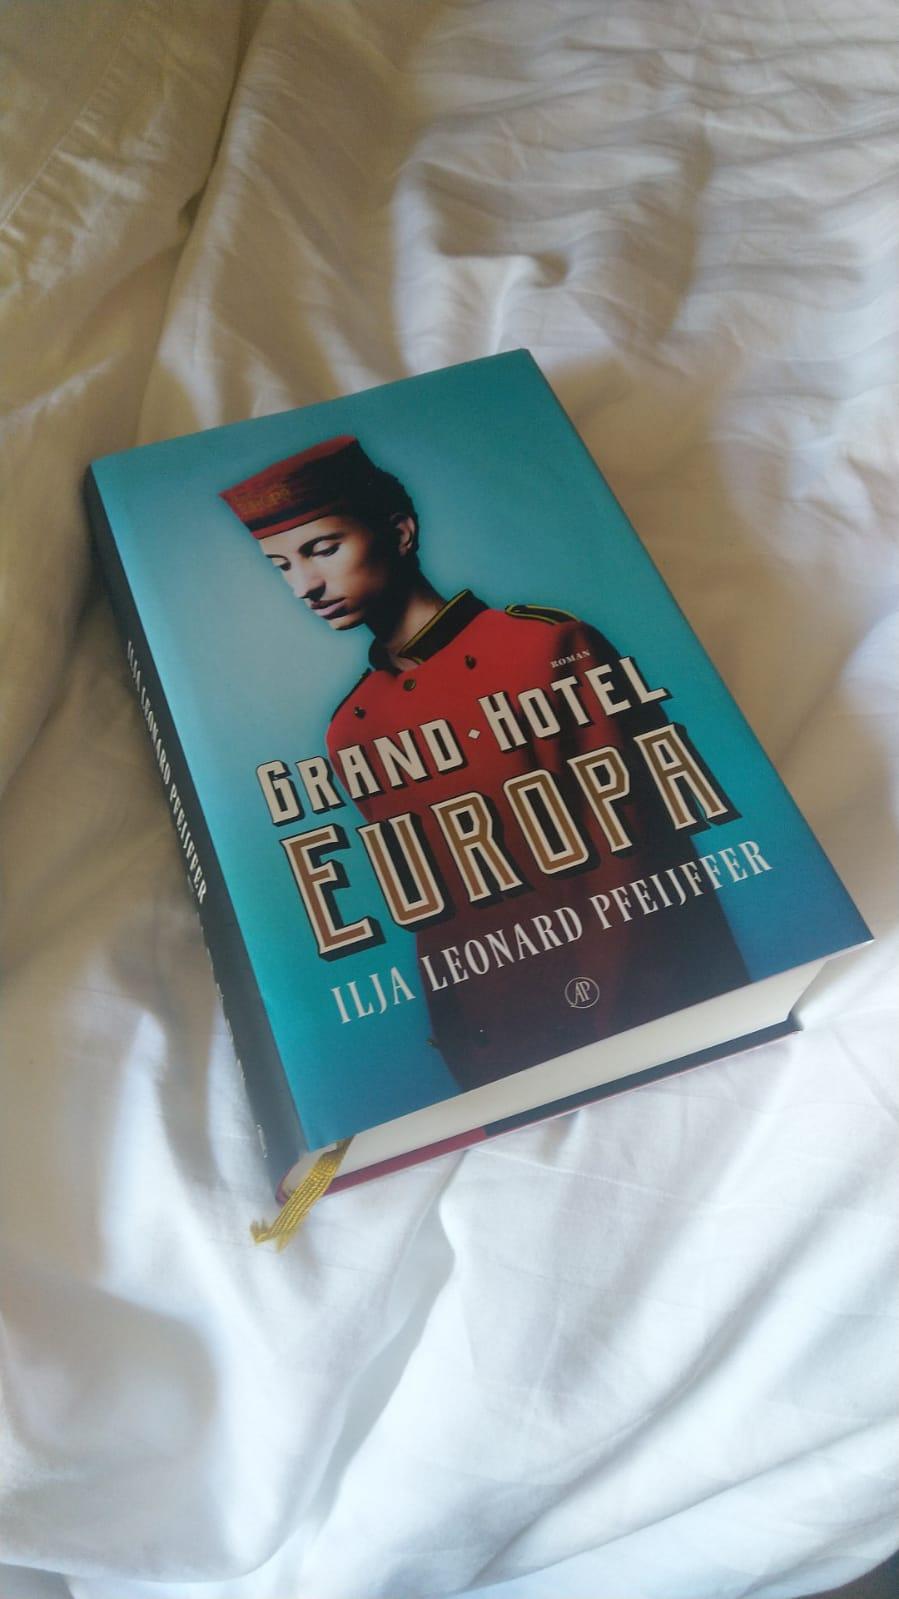 Het boek Grand Hotel Europa neergelegd op een bed met witte lakens.